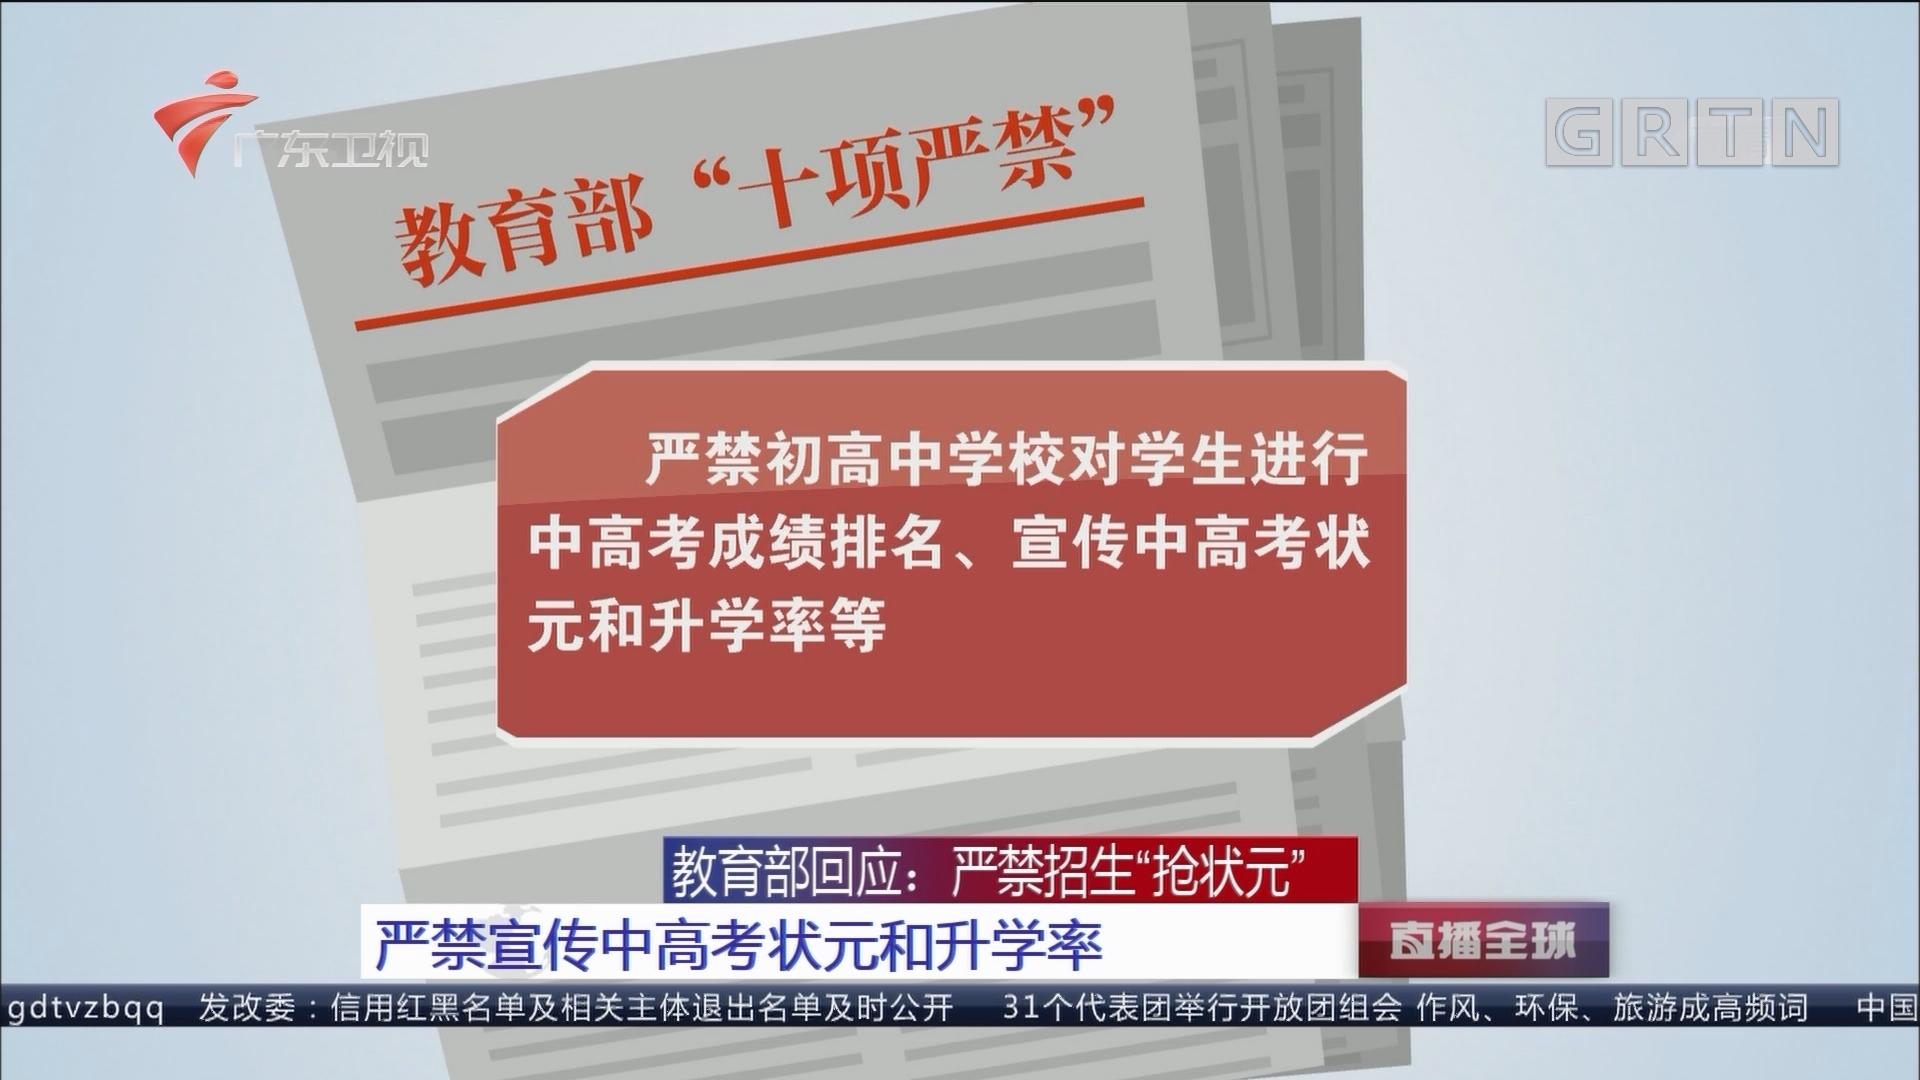 """教育部回应:严禁招生""""抢状元"""" 严禁宣传中高考状元和升学率"""